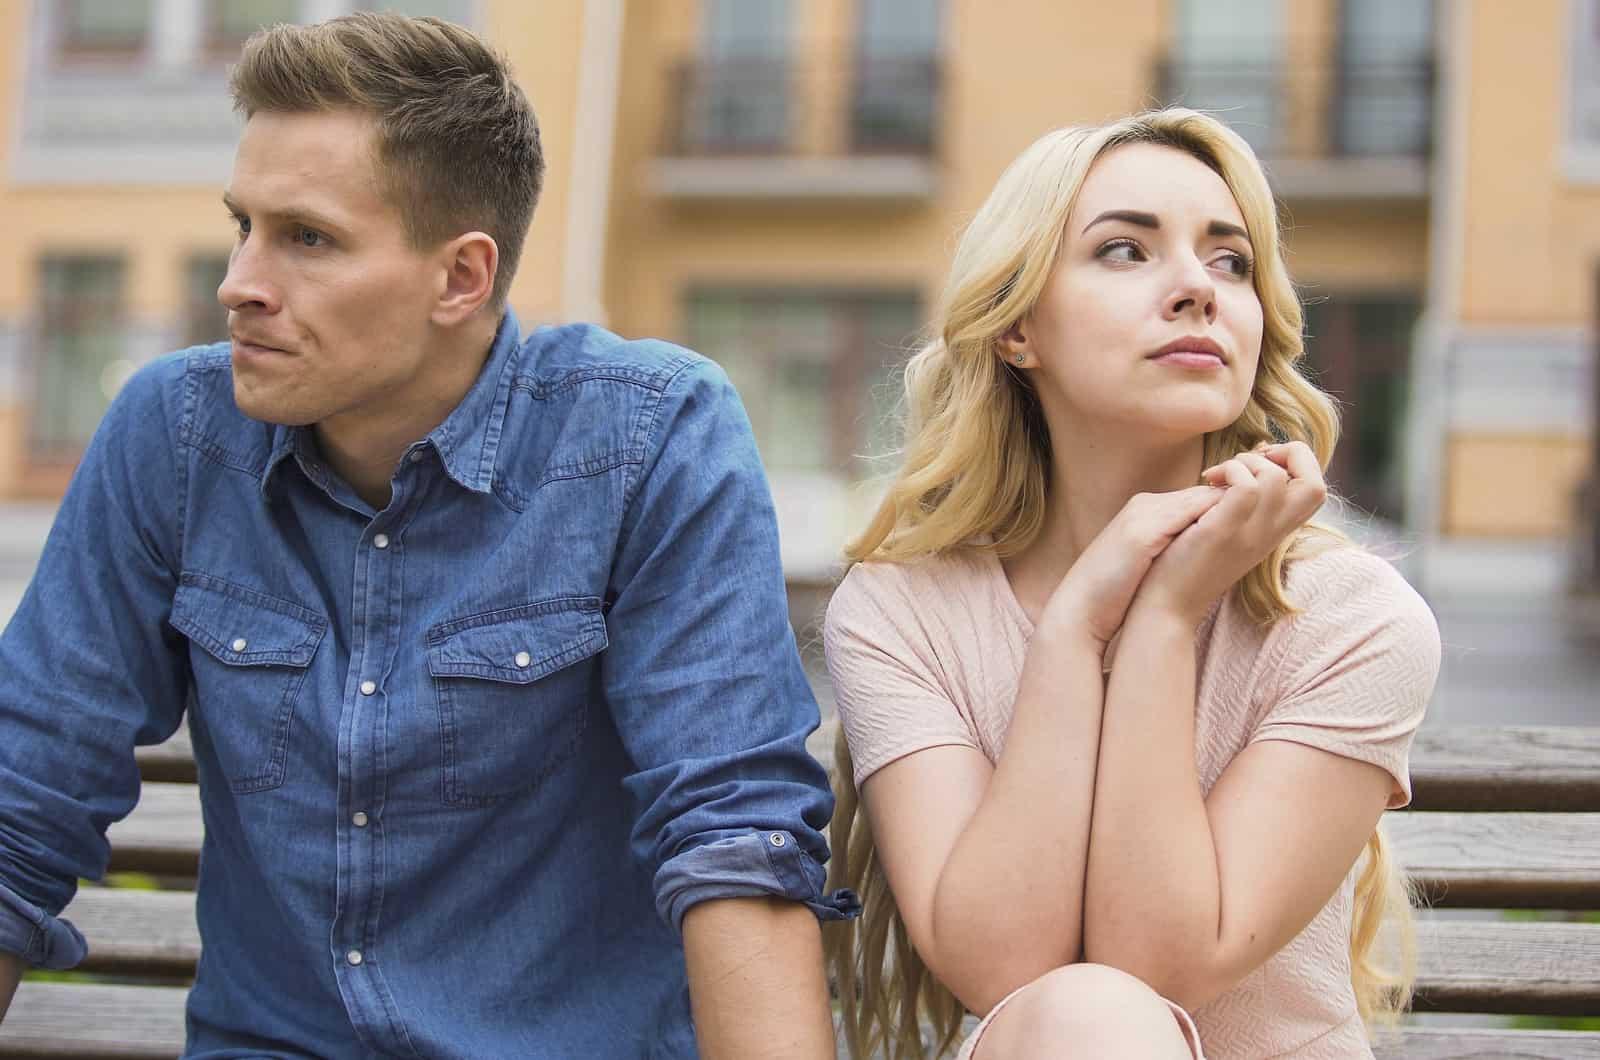 Paar sitzt in einem Konflikt zusammen